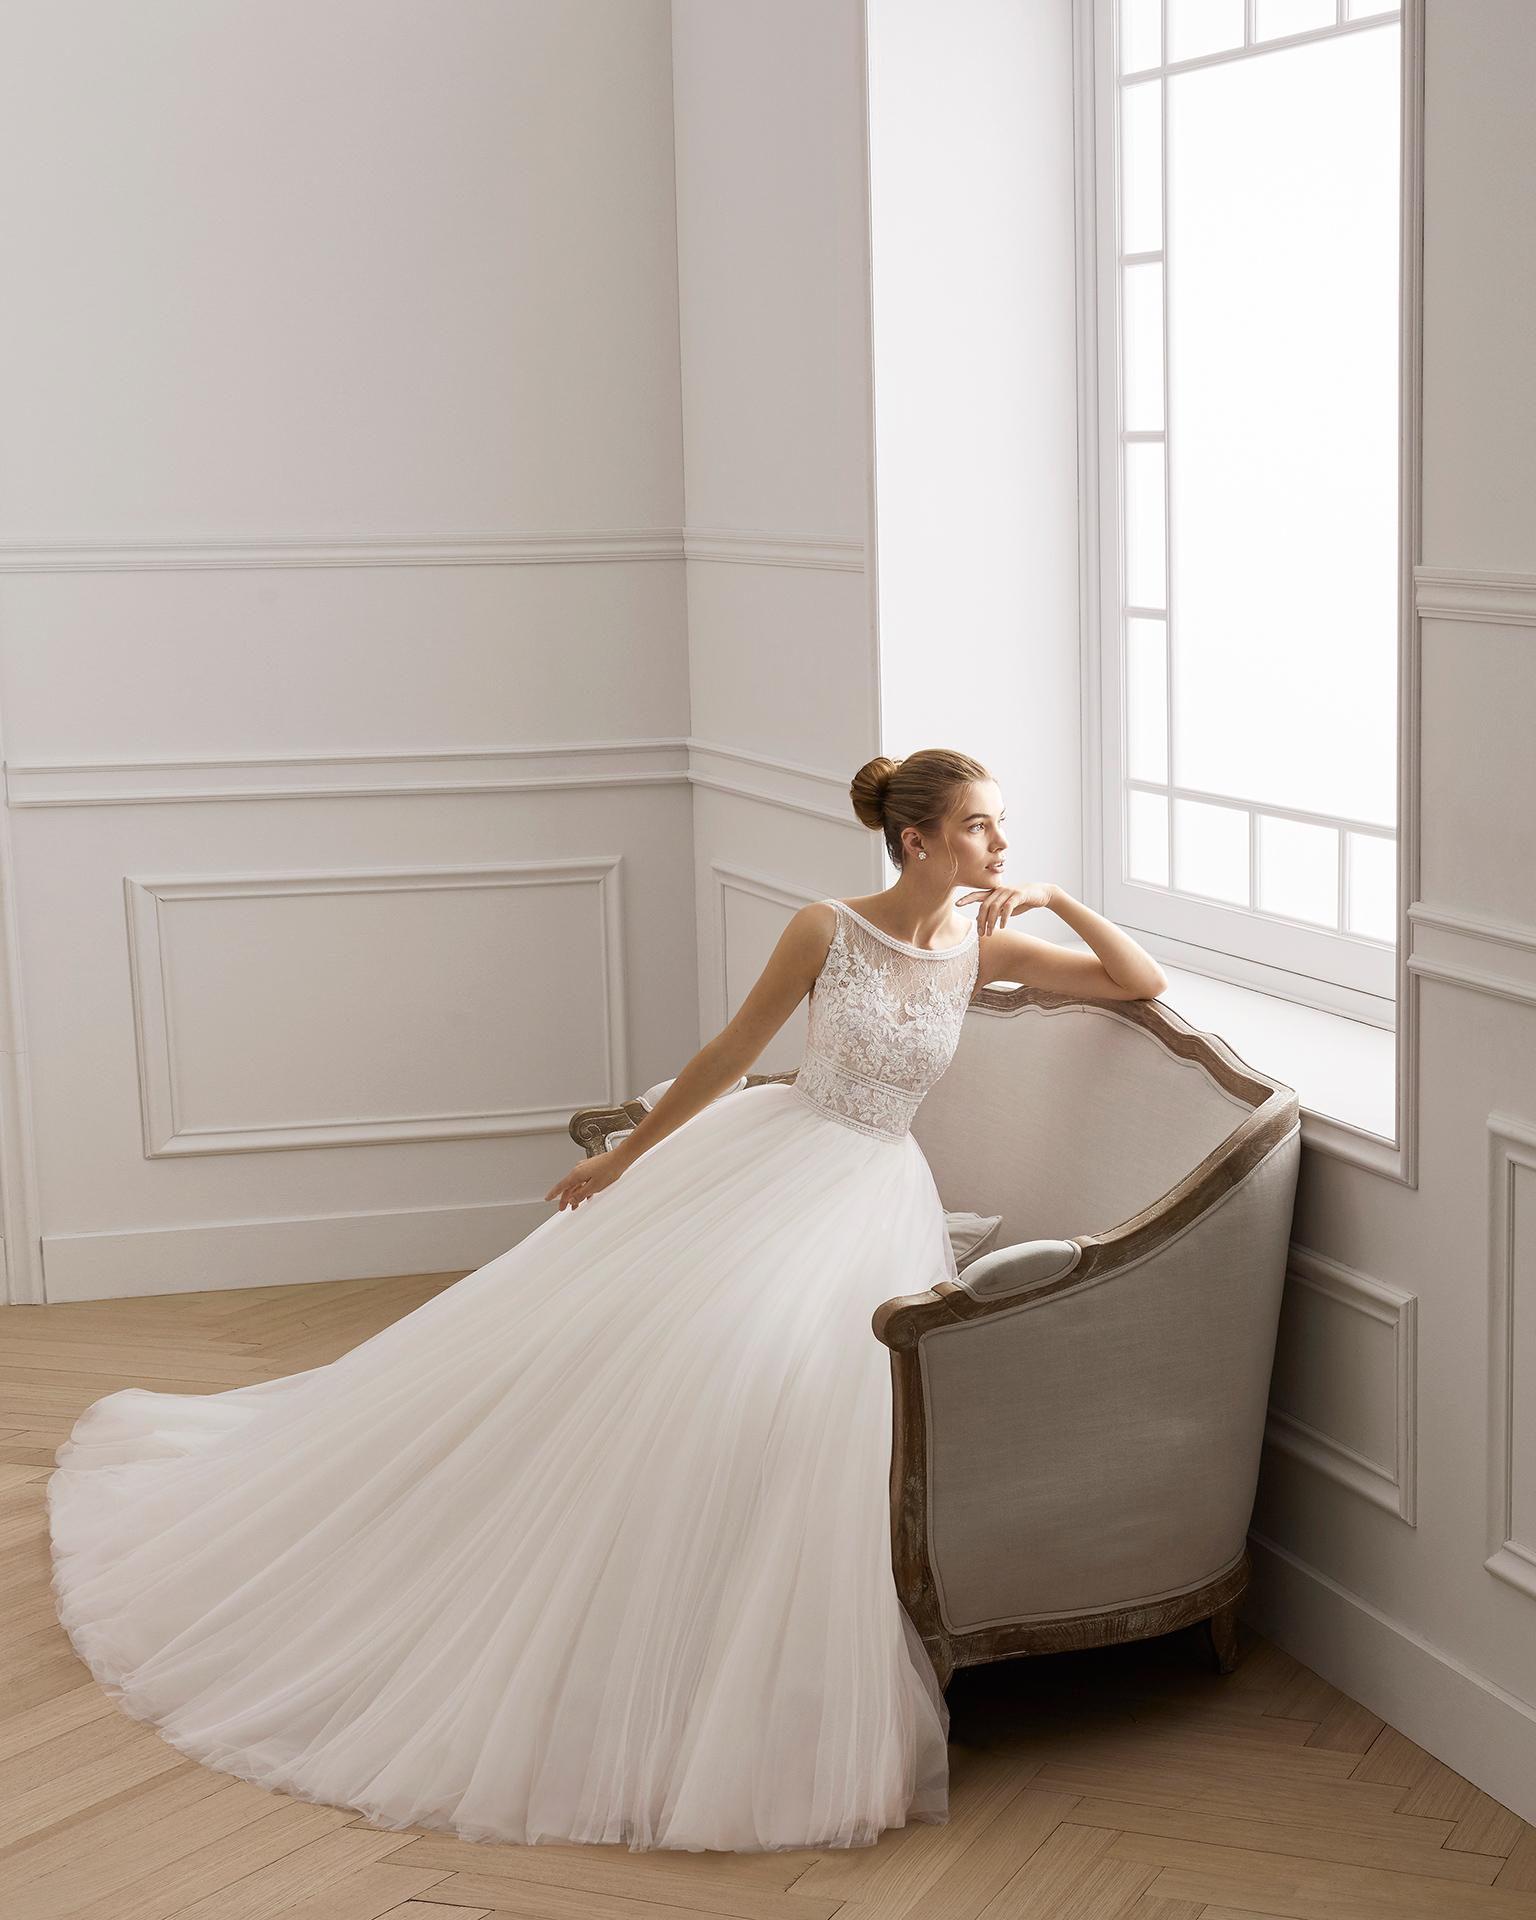 Robe de mariée style princesse en dentelle avec pierreries et tulle doux. Col bateau et décolleté dans le dos. Disponible en couleur ivoire. Collection AIRE BARCELONA 2019.